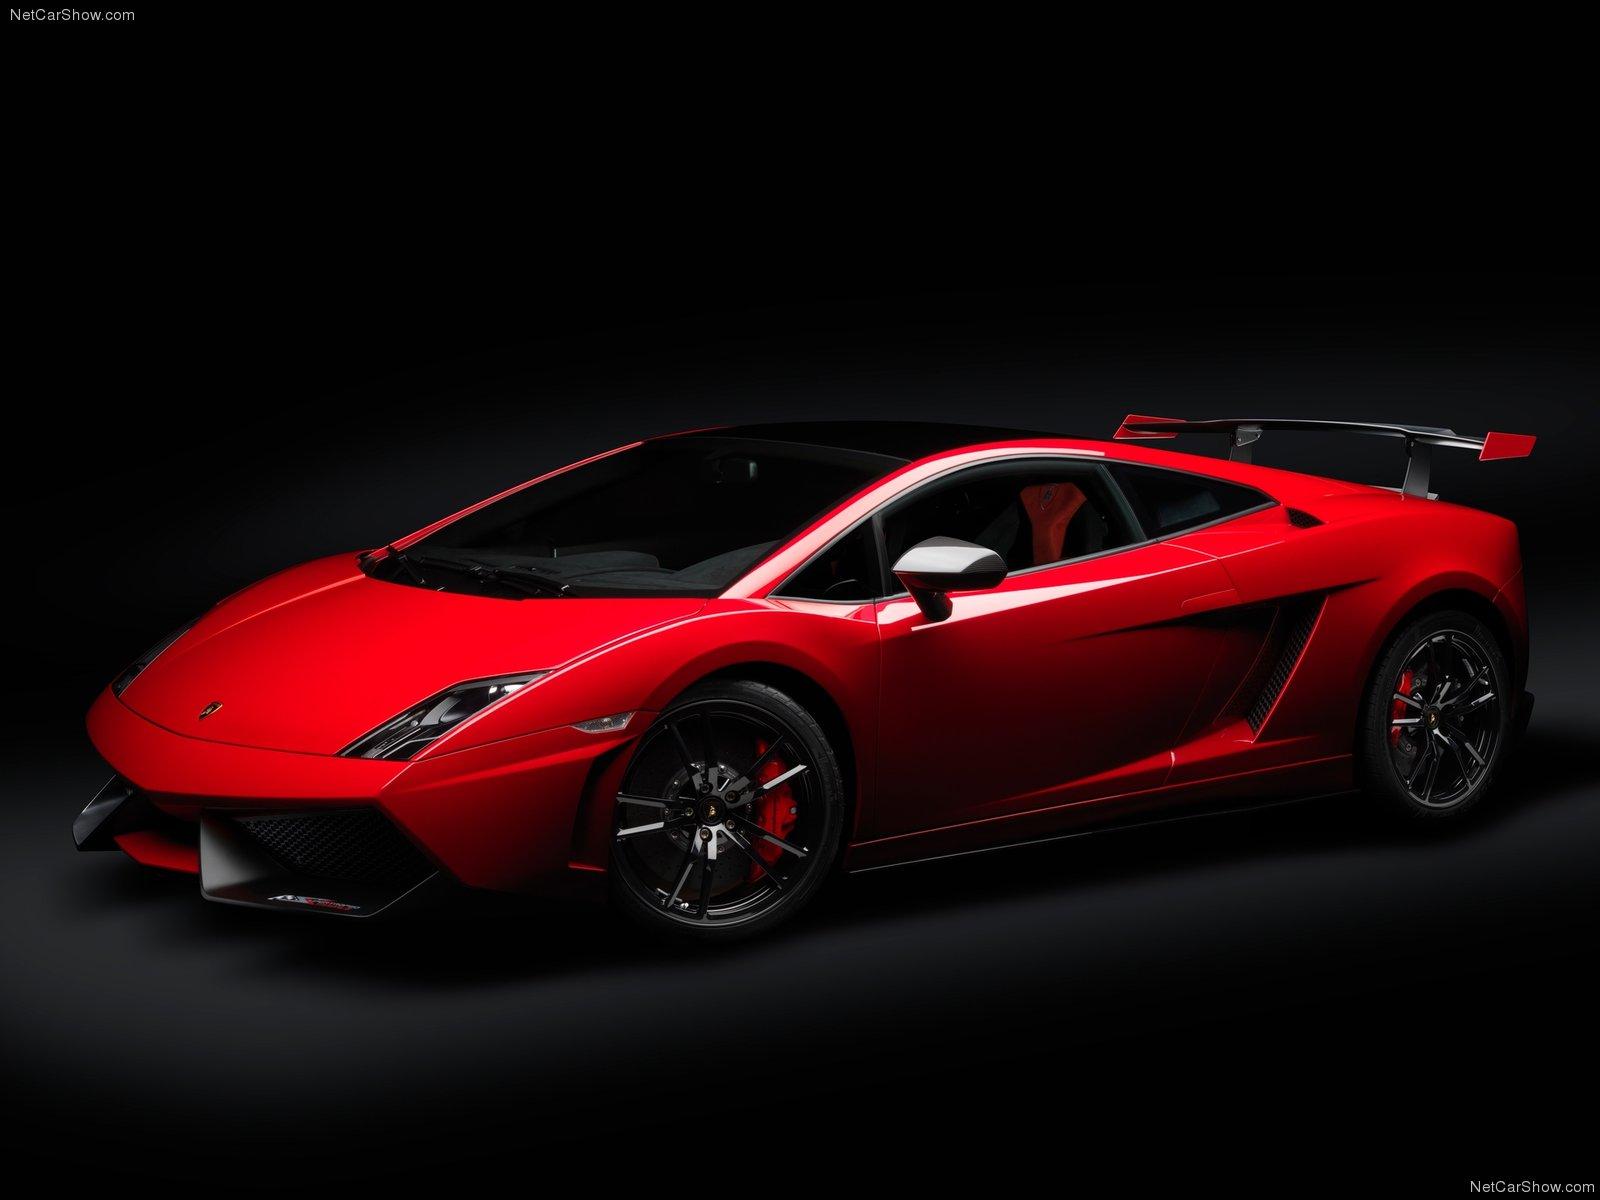 Pondering Cars: Lamborghini Gallardo LP570-4 Super Trofeo Stradale (2012